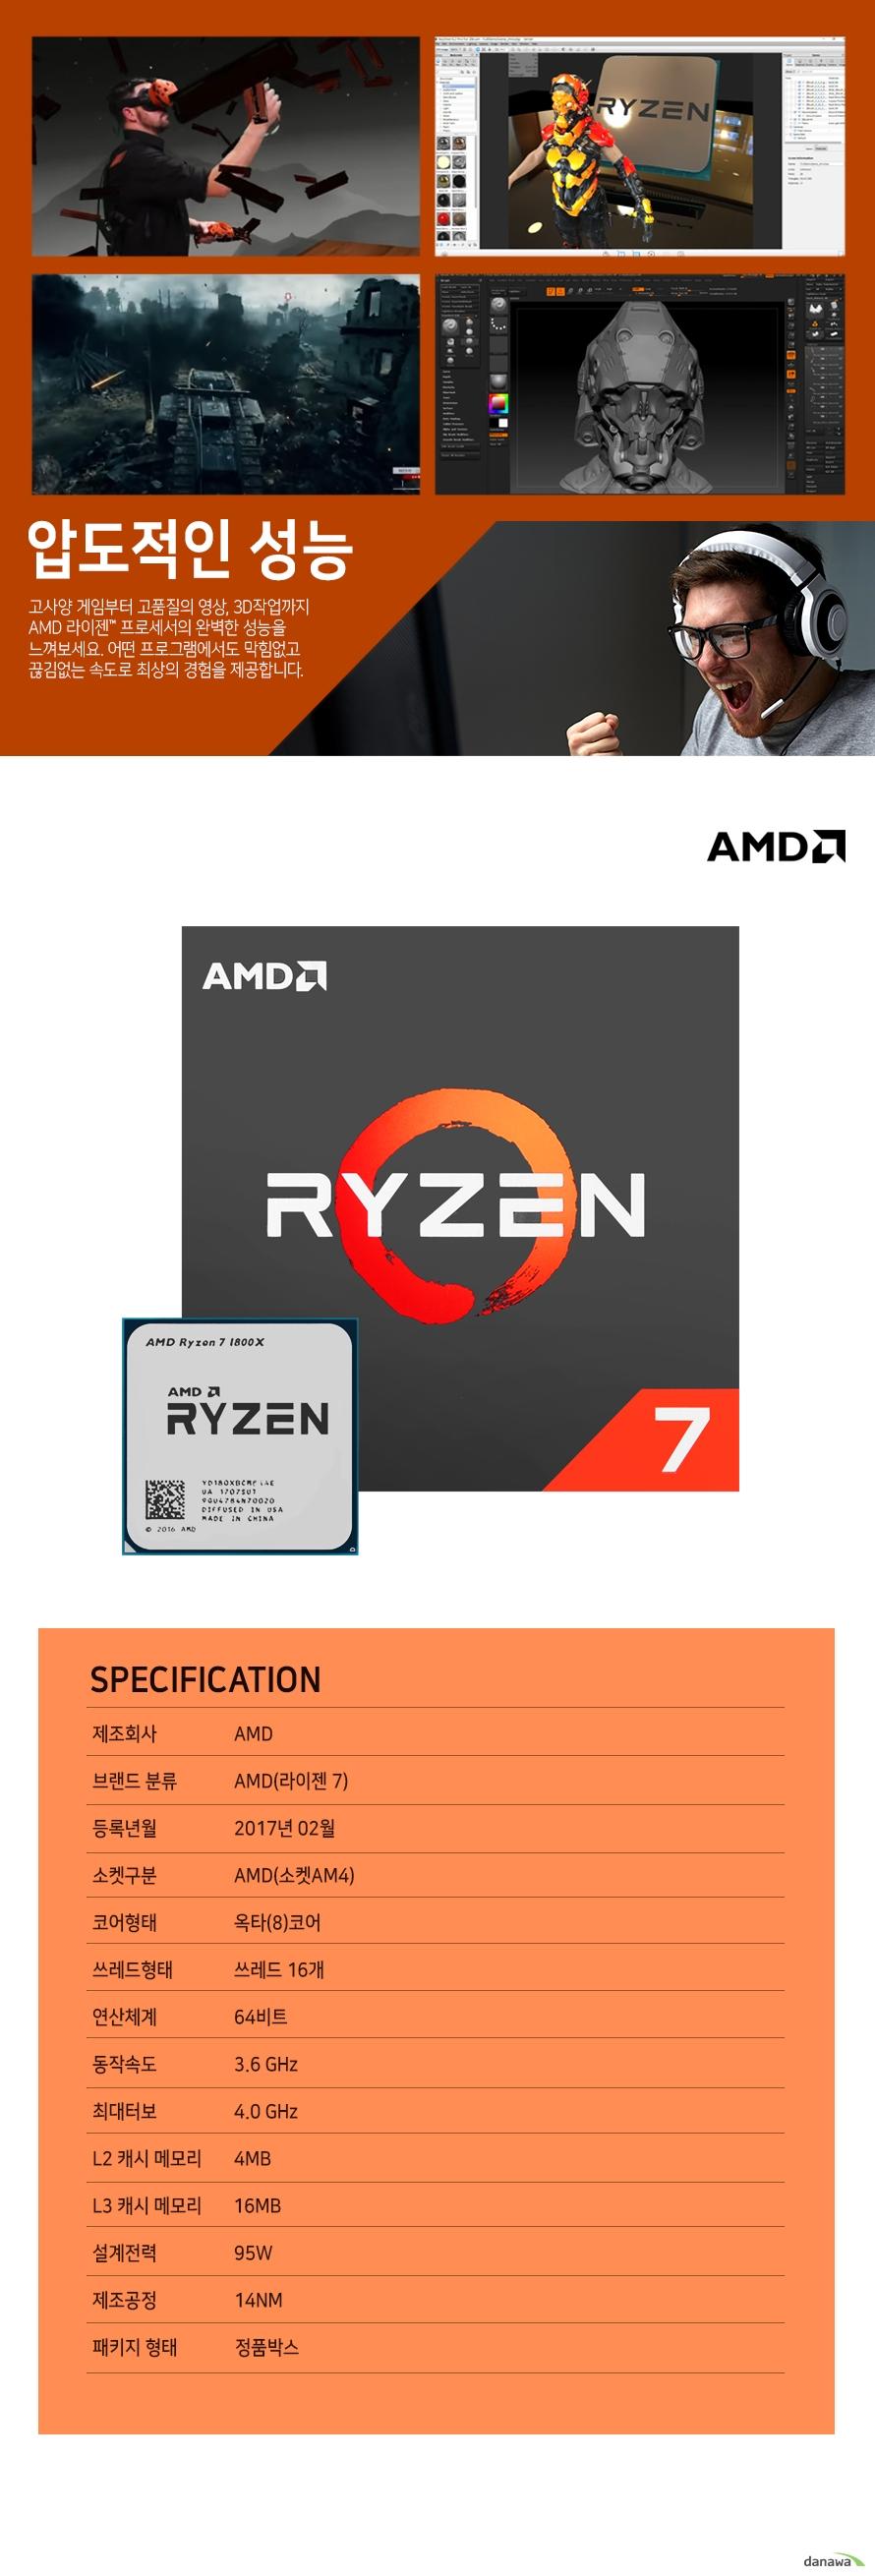 압도적인 성능                    고사양 게임부터 고품질의 영상 , 3D 작업까지 AMD 라이젠 프로세서의          완벽한 성능을 느껴보세요. 어떤 프로그램에서도 막힘없고 끊김없는          속도로 최상의 경험을 제공합니다.                    SPECIFICATION          제조 회사 AMD          브랜드 분류 AMD(라이젠 7)          등록년월 2017년 2월          소켓구분 AMD(소켓 AM4)          코어형태 옥타(8)코어          쓰레드 형태 쓰레드 16개          연산체계 64비트          동작속도 3.6GHZ          최대 터보 4.0GHZ          L2 캐시 메모리 4MB          L3 캐시 메모리 16MB          설계전력 95W          제조공정 14NM          패키지 형태 정품박스